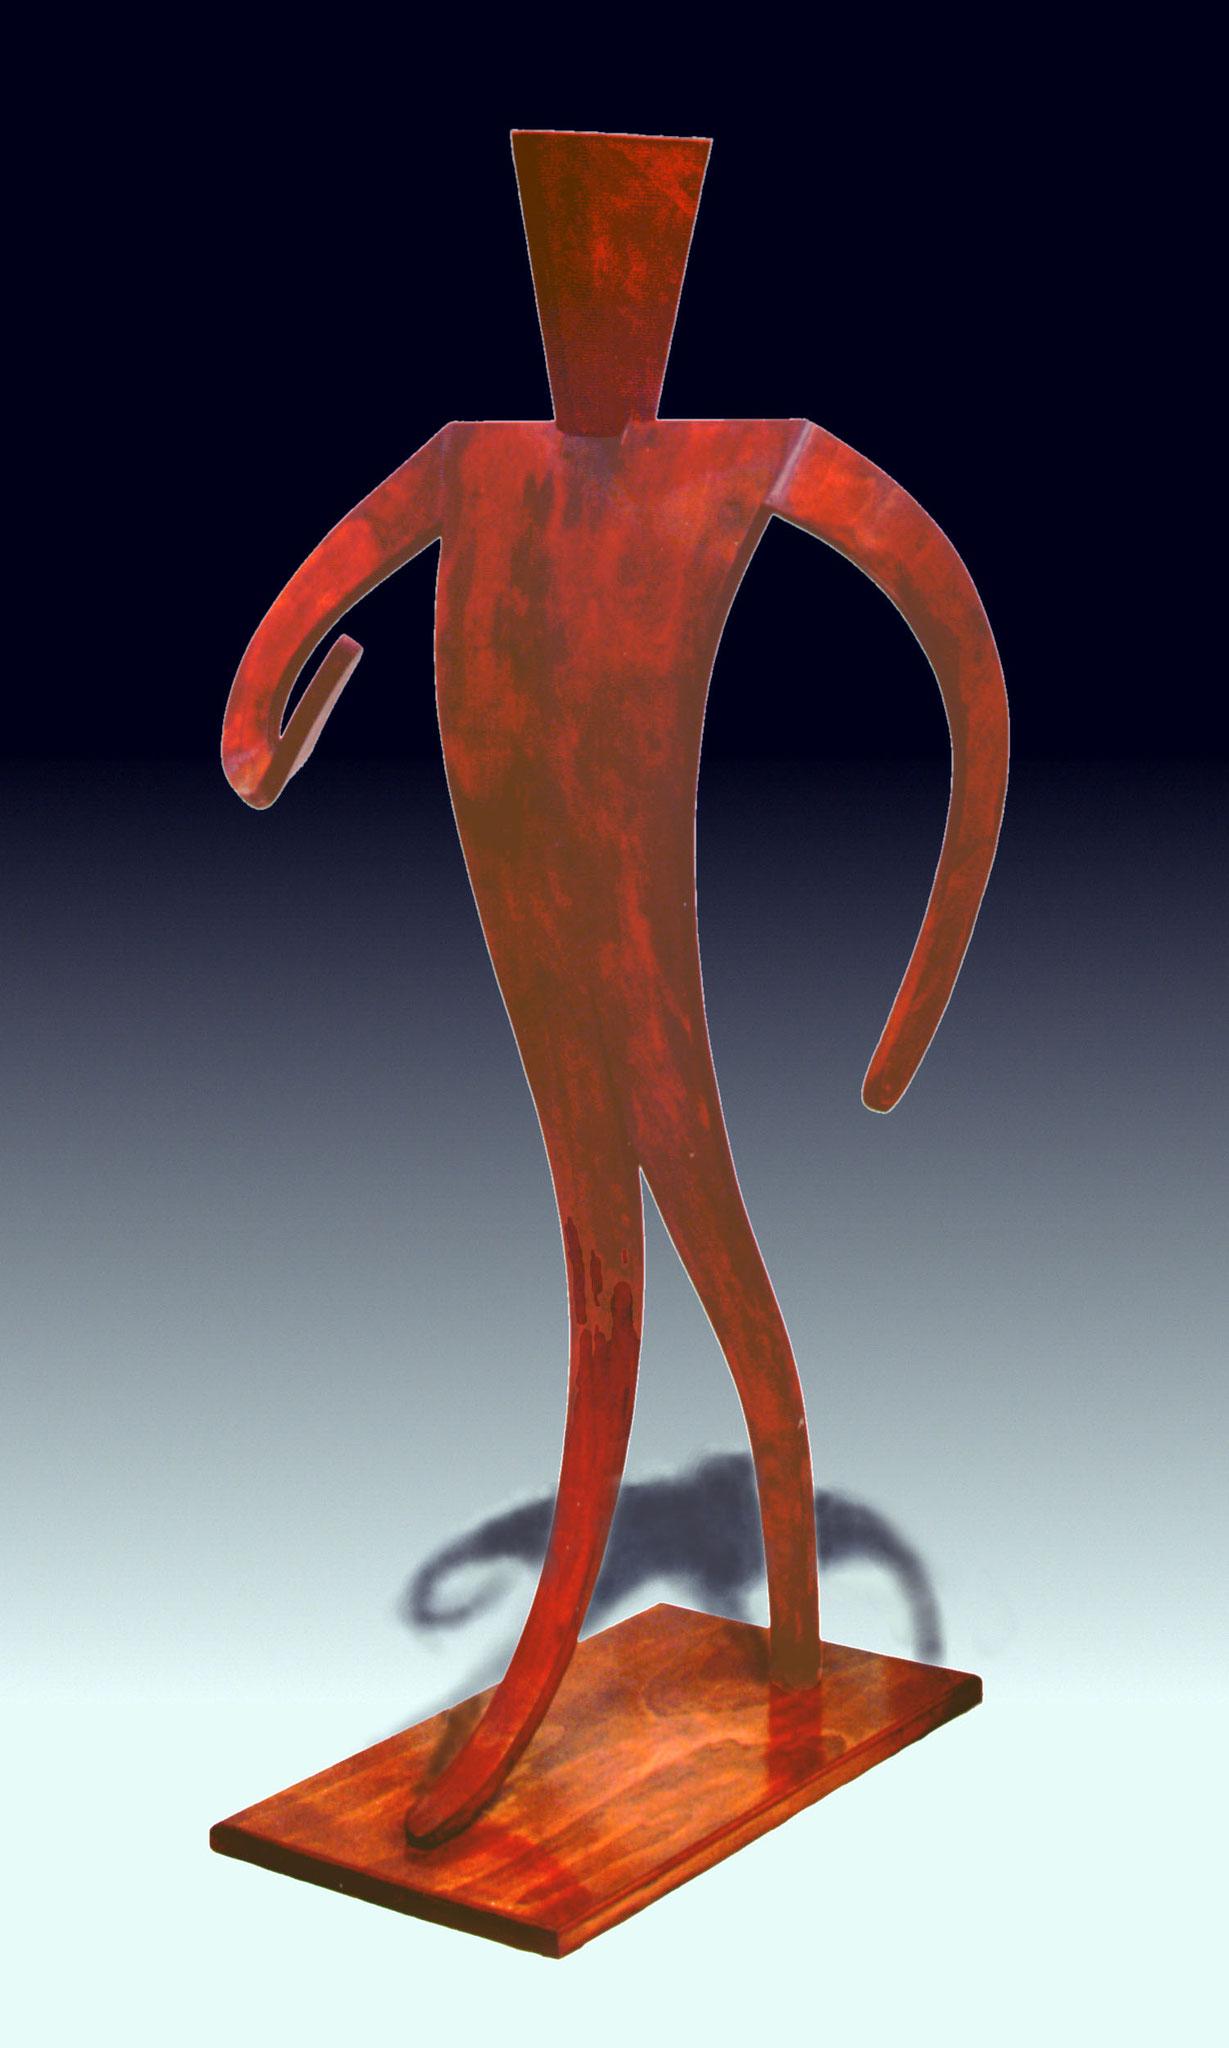 Tenor, 1994, verleimtes Pappelholz, 180x80x100 cm